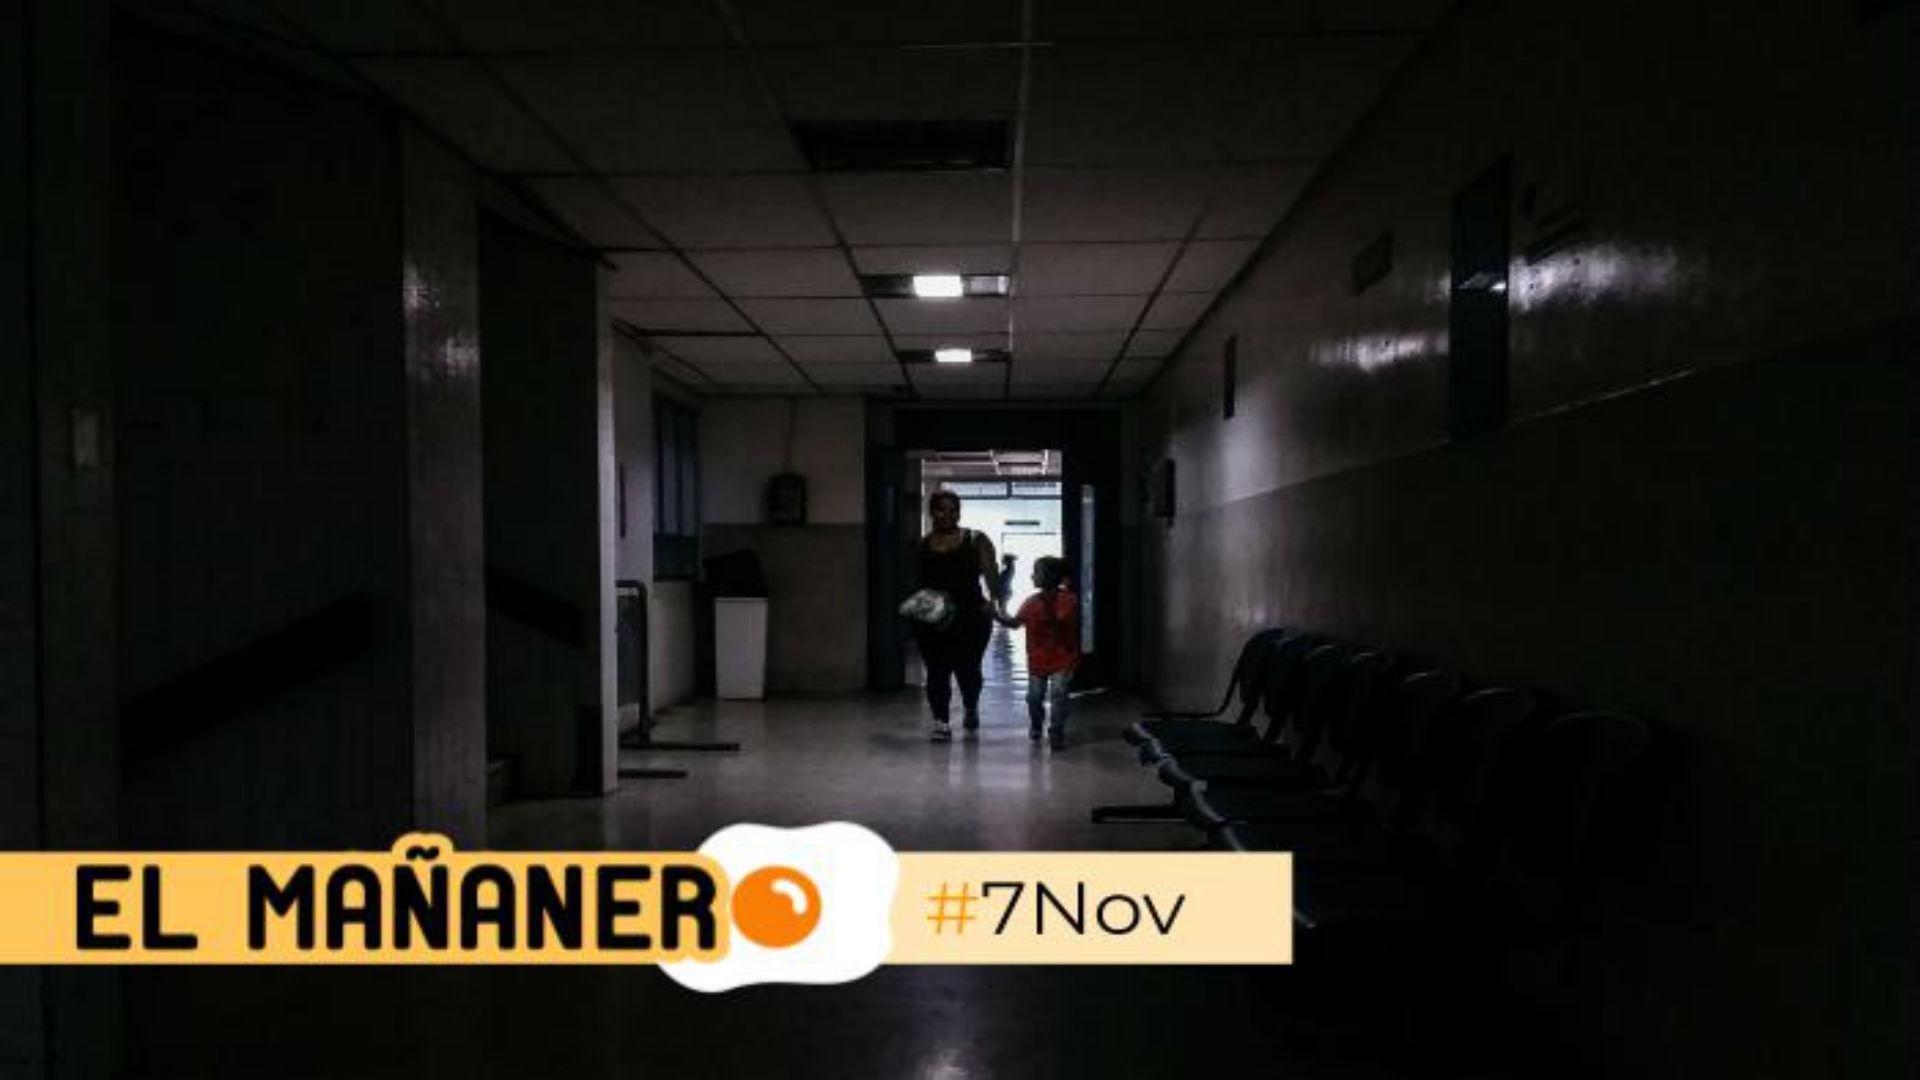 El Mañanero de hoy #7Nov: Las 8 noticias que debes saber